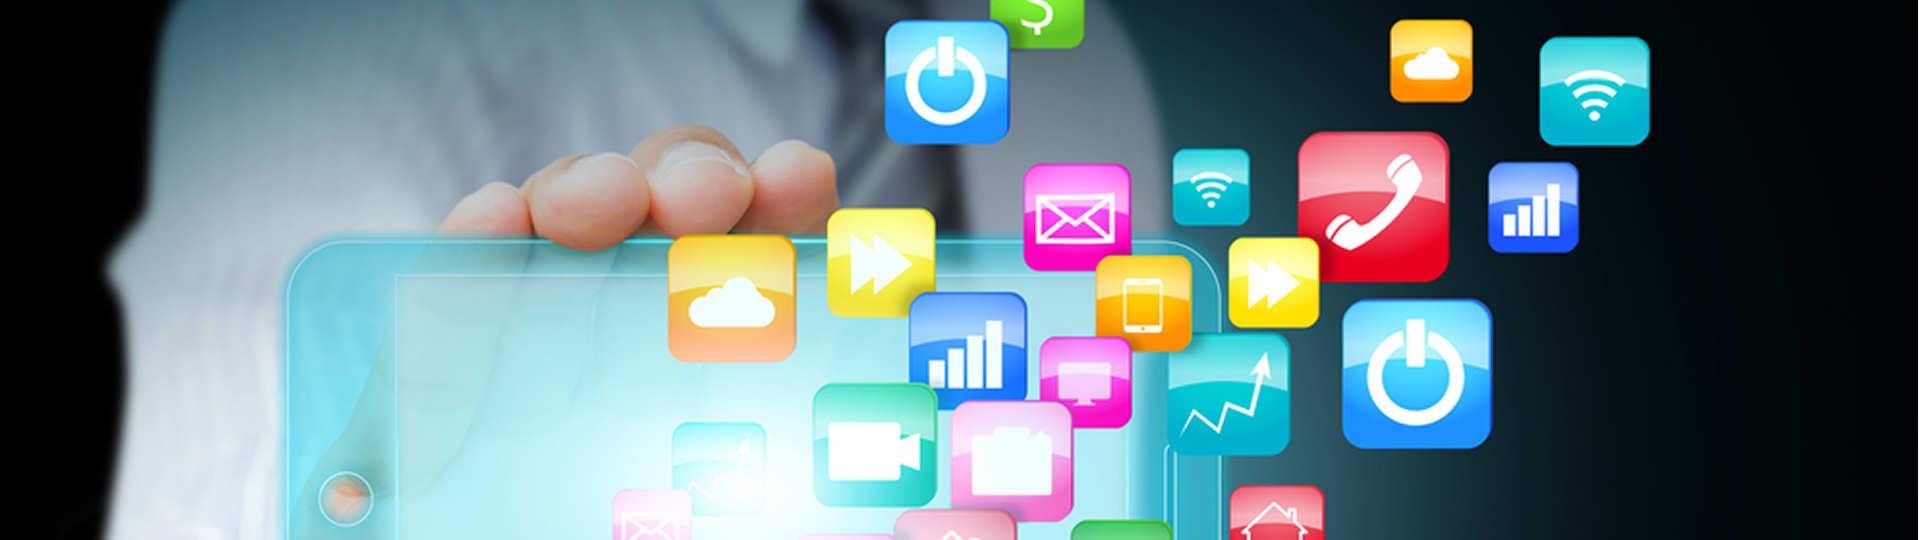 8 motivi per sviluppare un' app aziendale